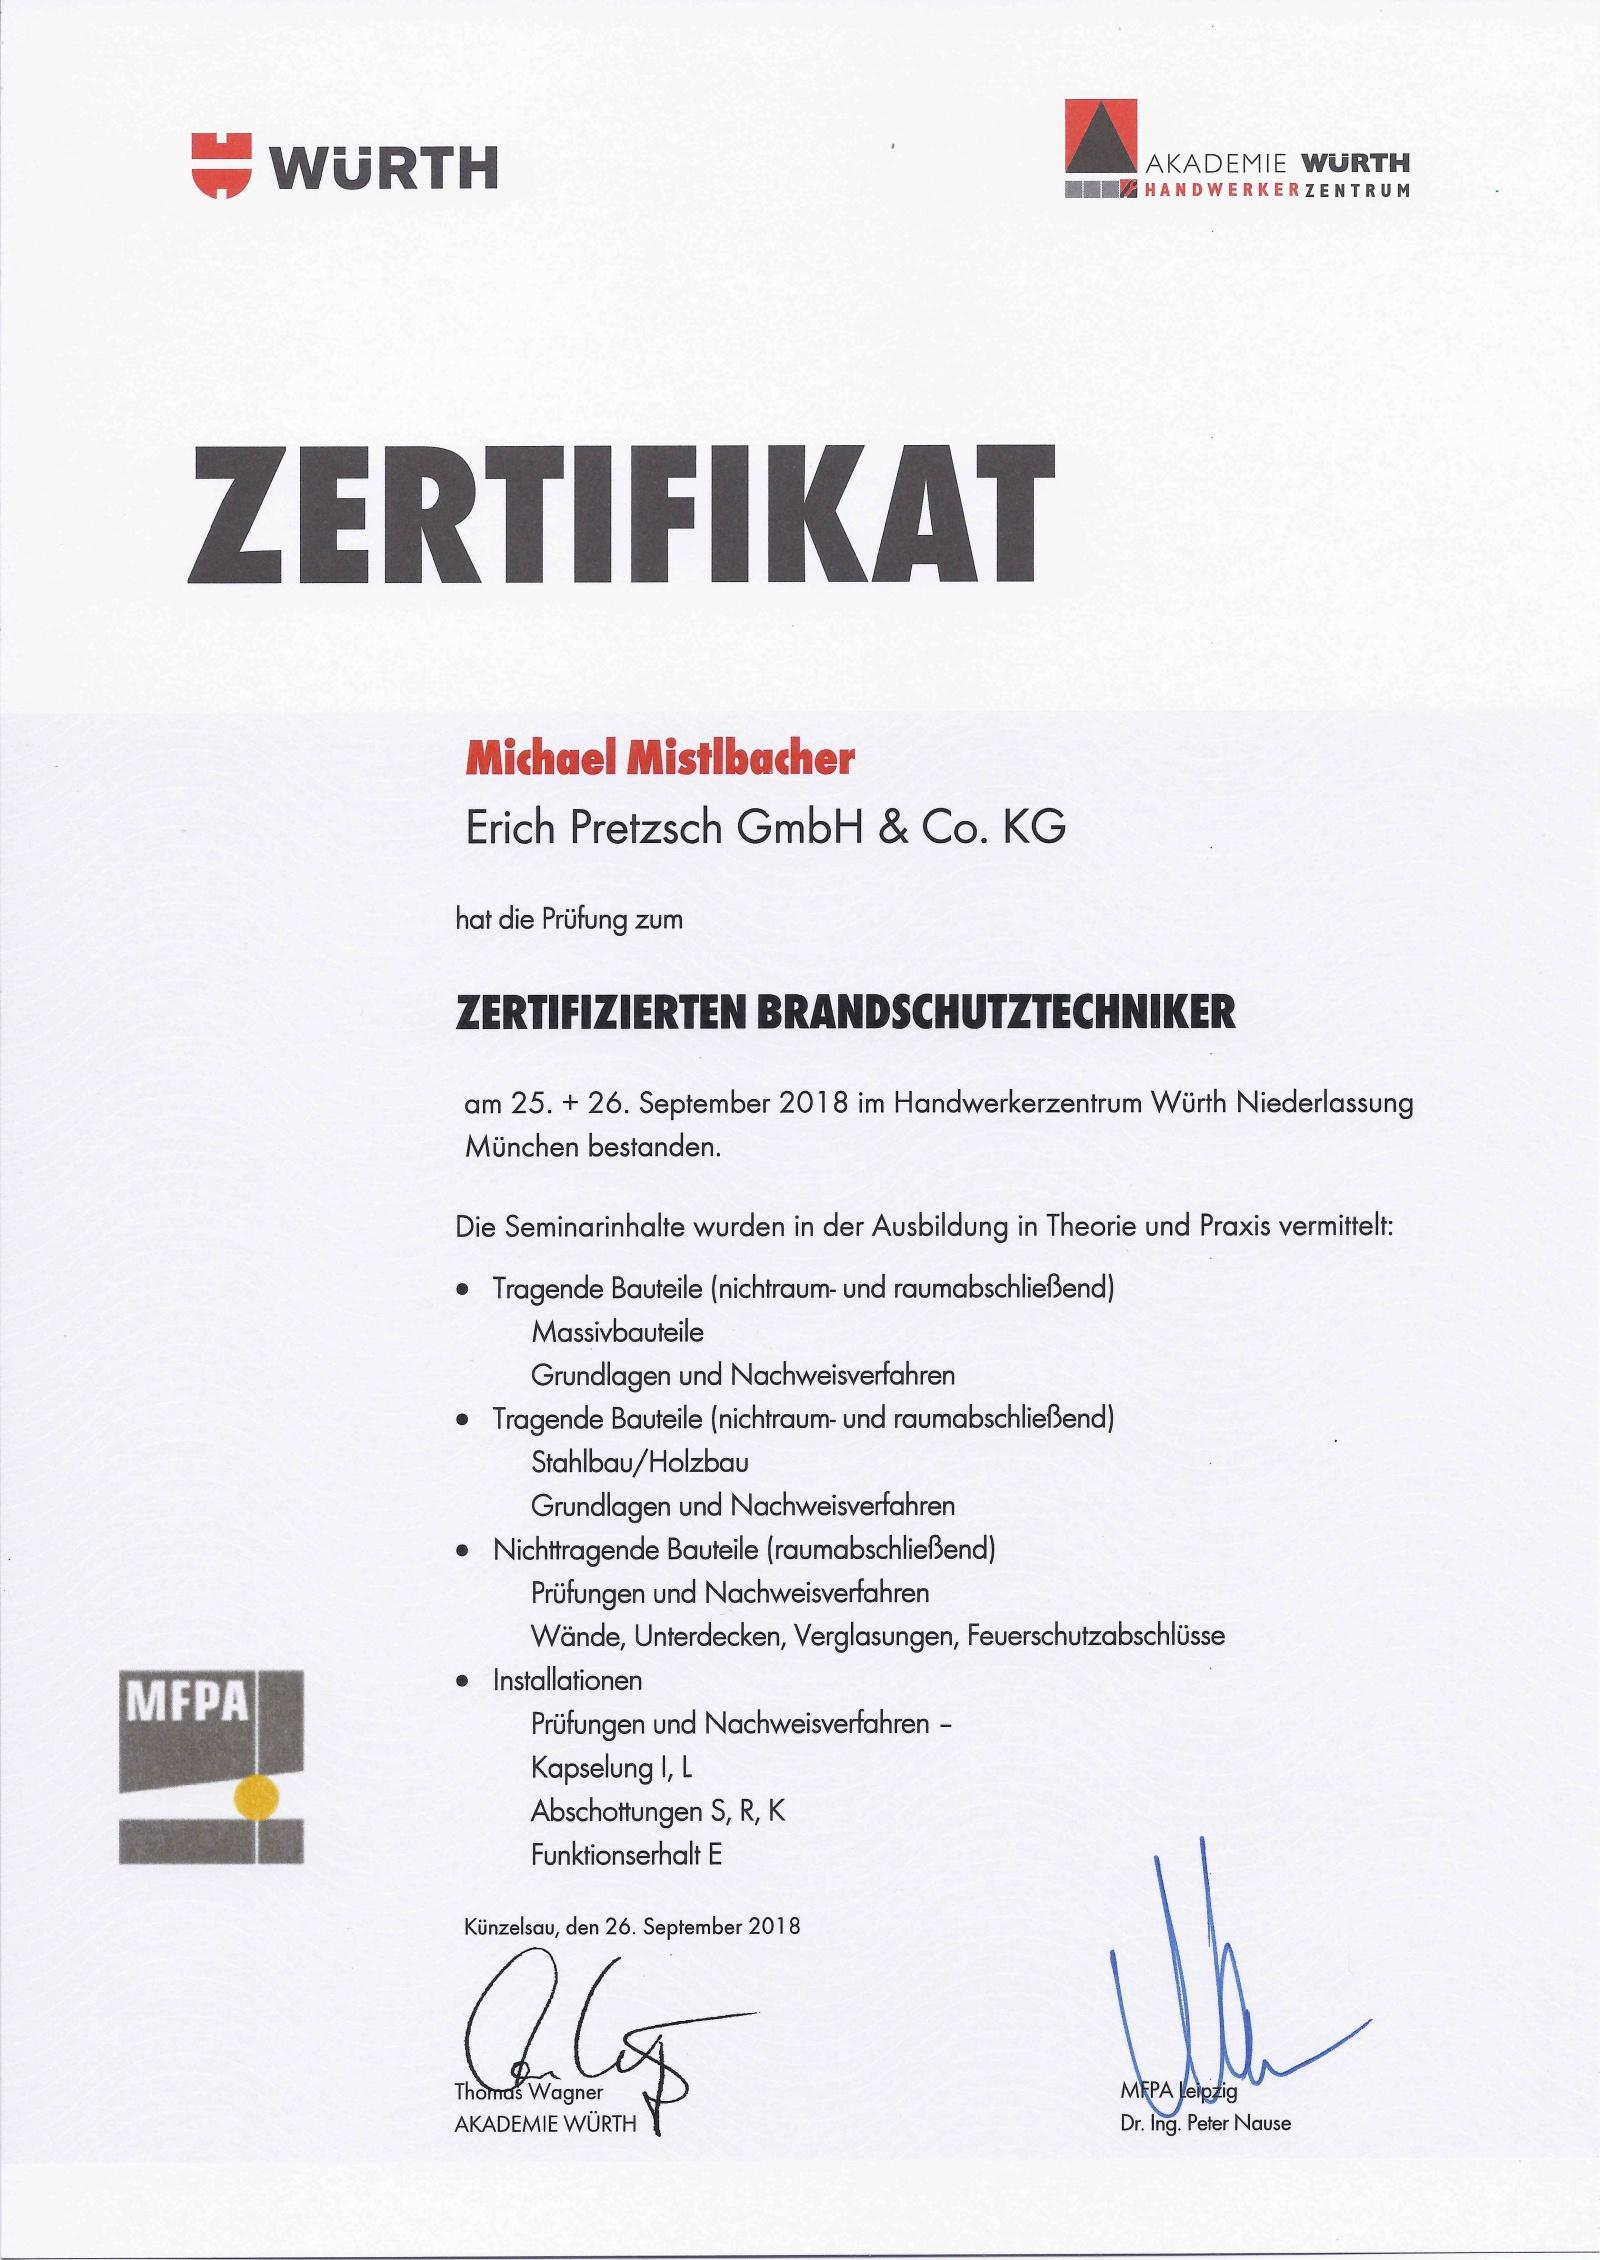 Erich Pretzsch GmbH & Co. KG Qualifikationen Zertifikate